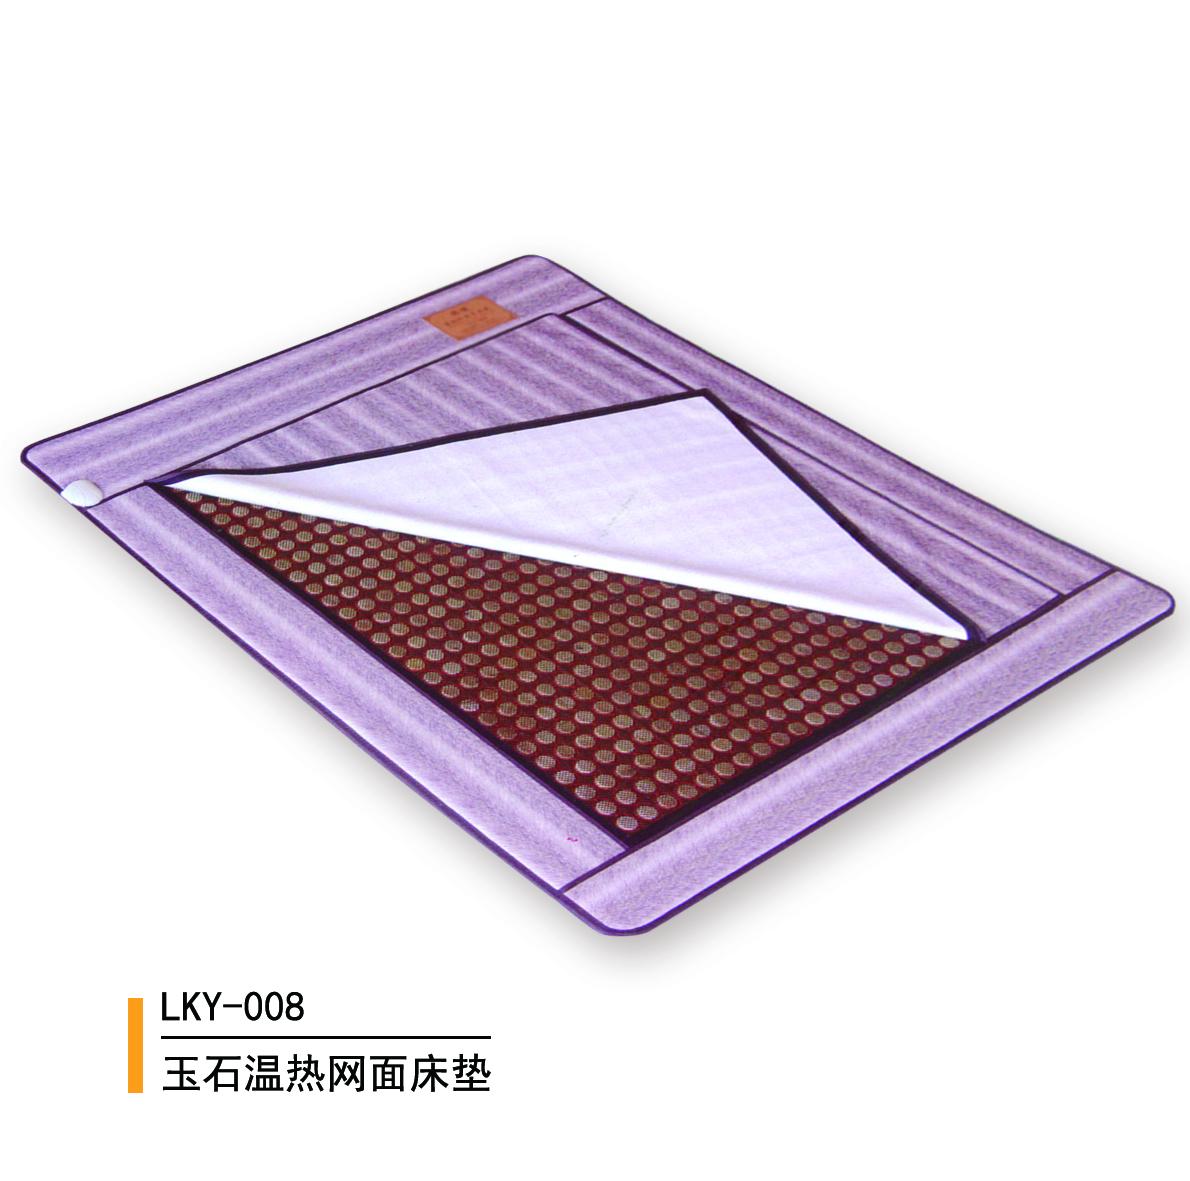 玉石温热网面床垫008